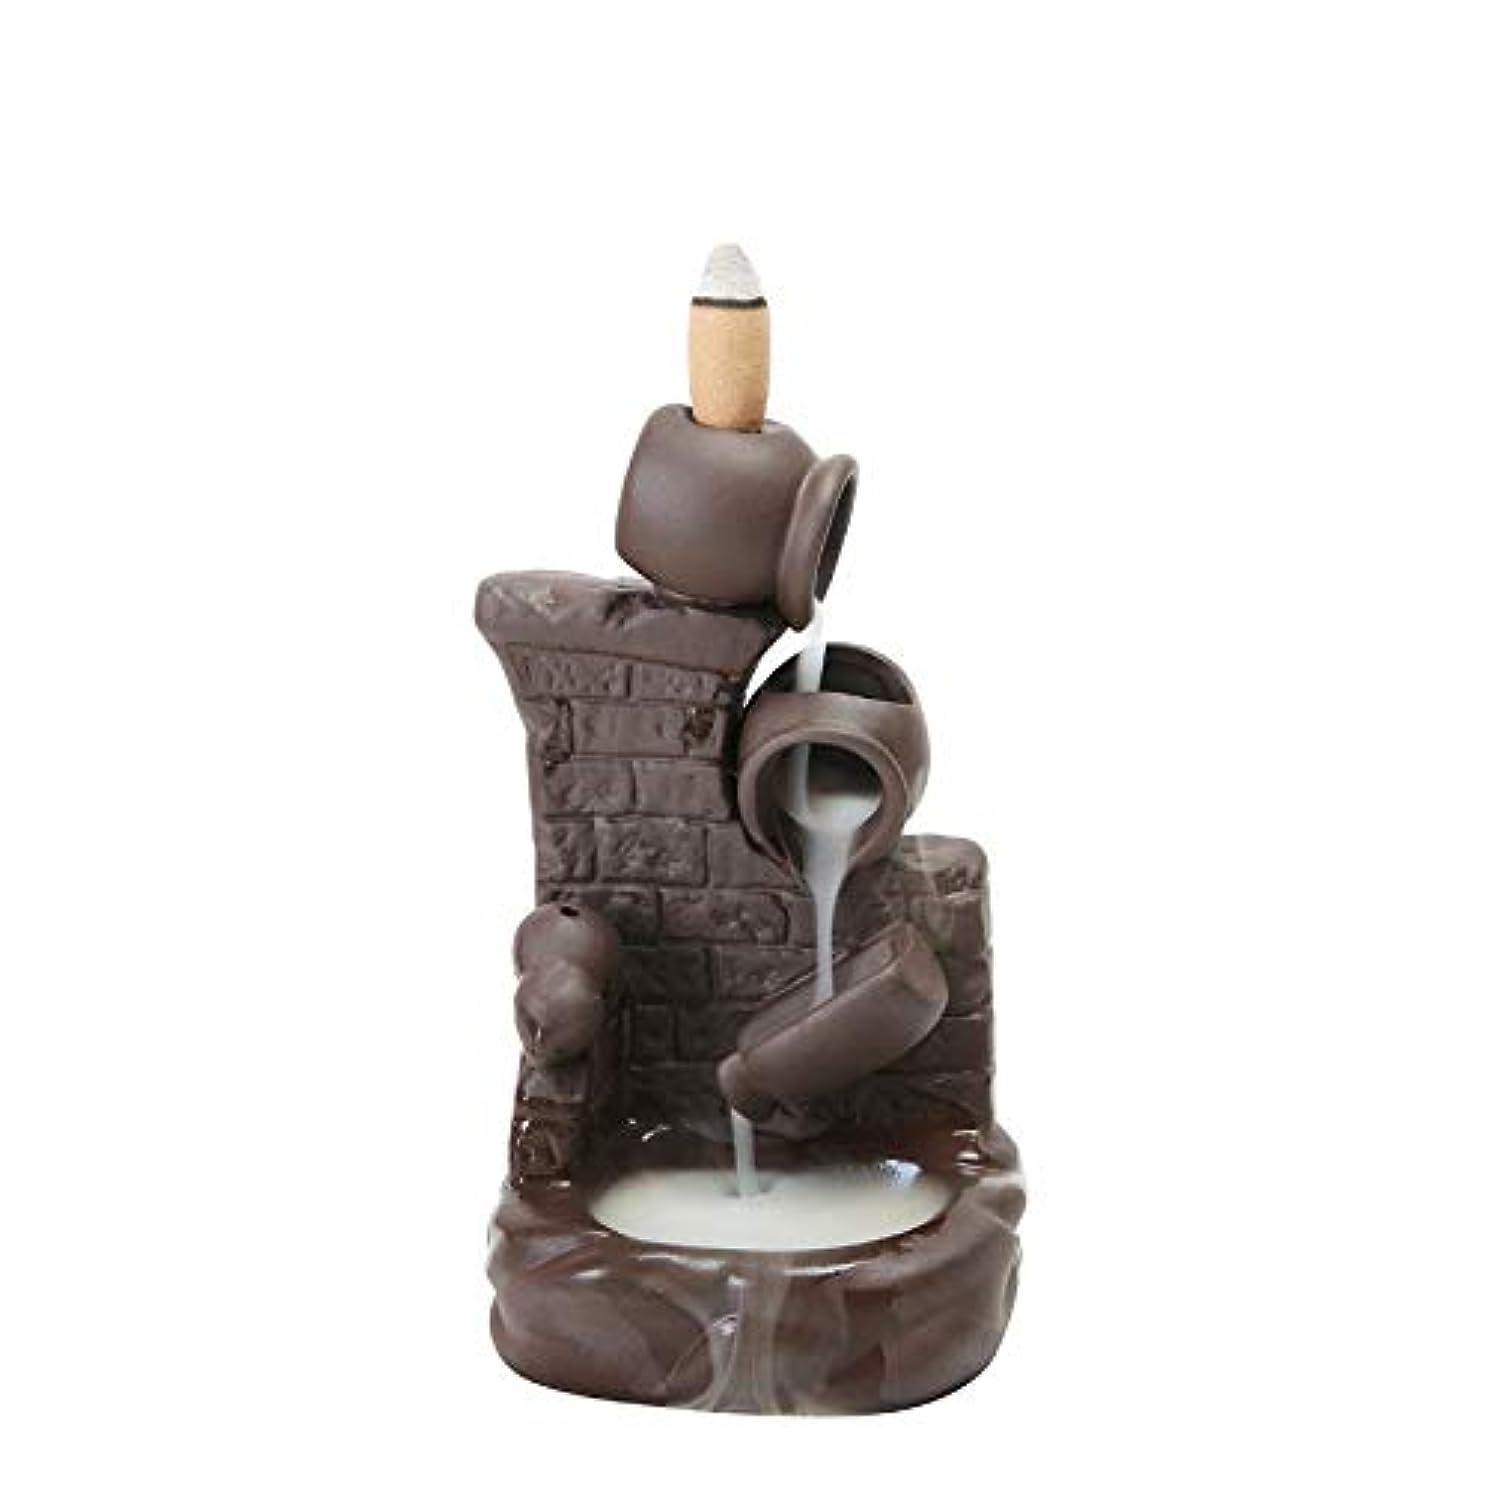 縁石本気フリース(Style 6) - Gift Pro Ceramic Backflow Incense Tower Burner Statue Figurine Incense Holder Incenses Not Included...